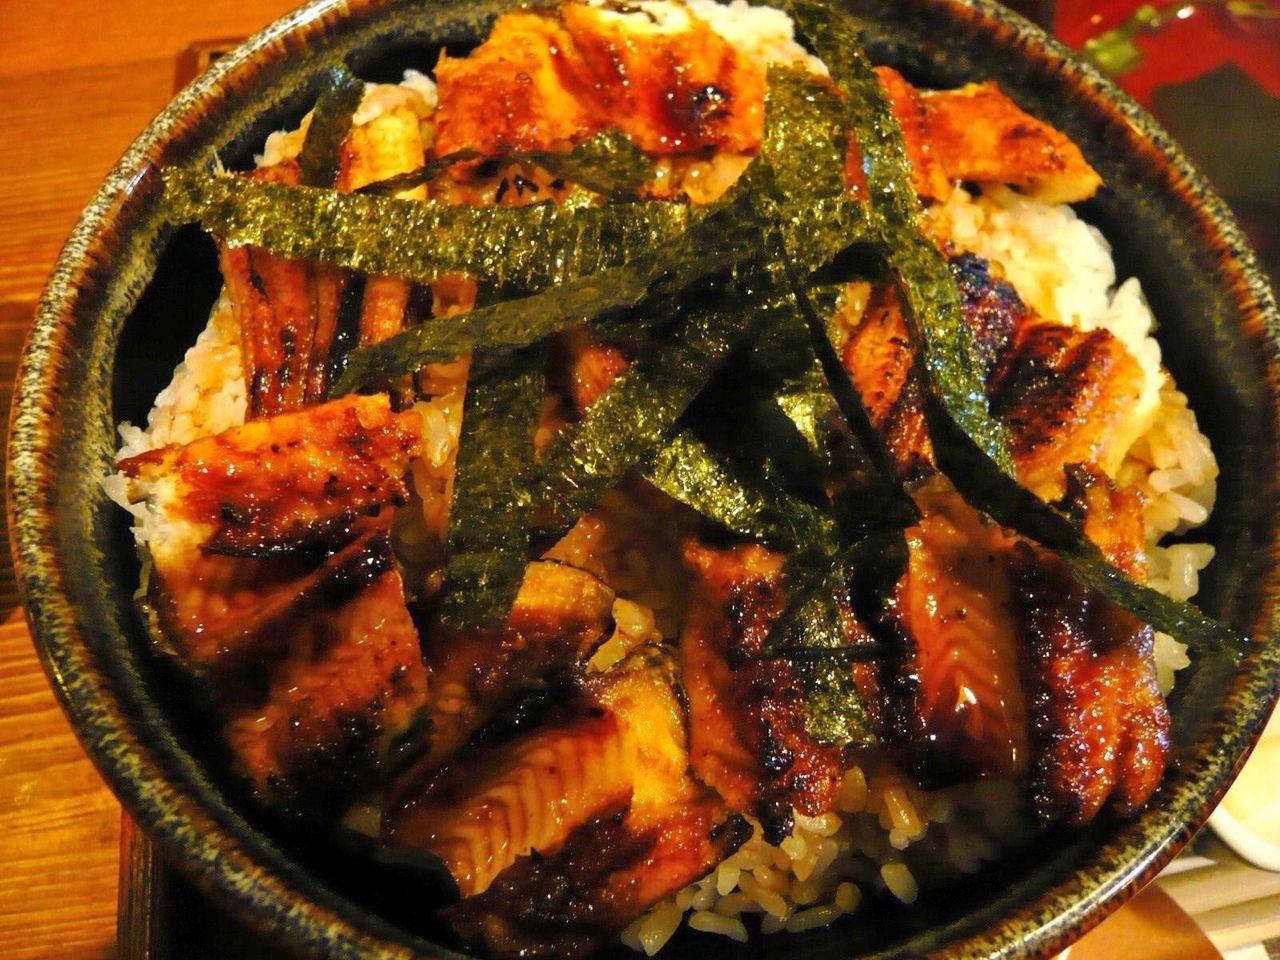 ご飯に対して焼き穴子が少なく、バランスが悪い感じ。